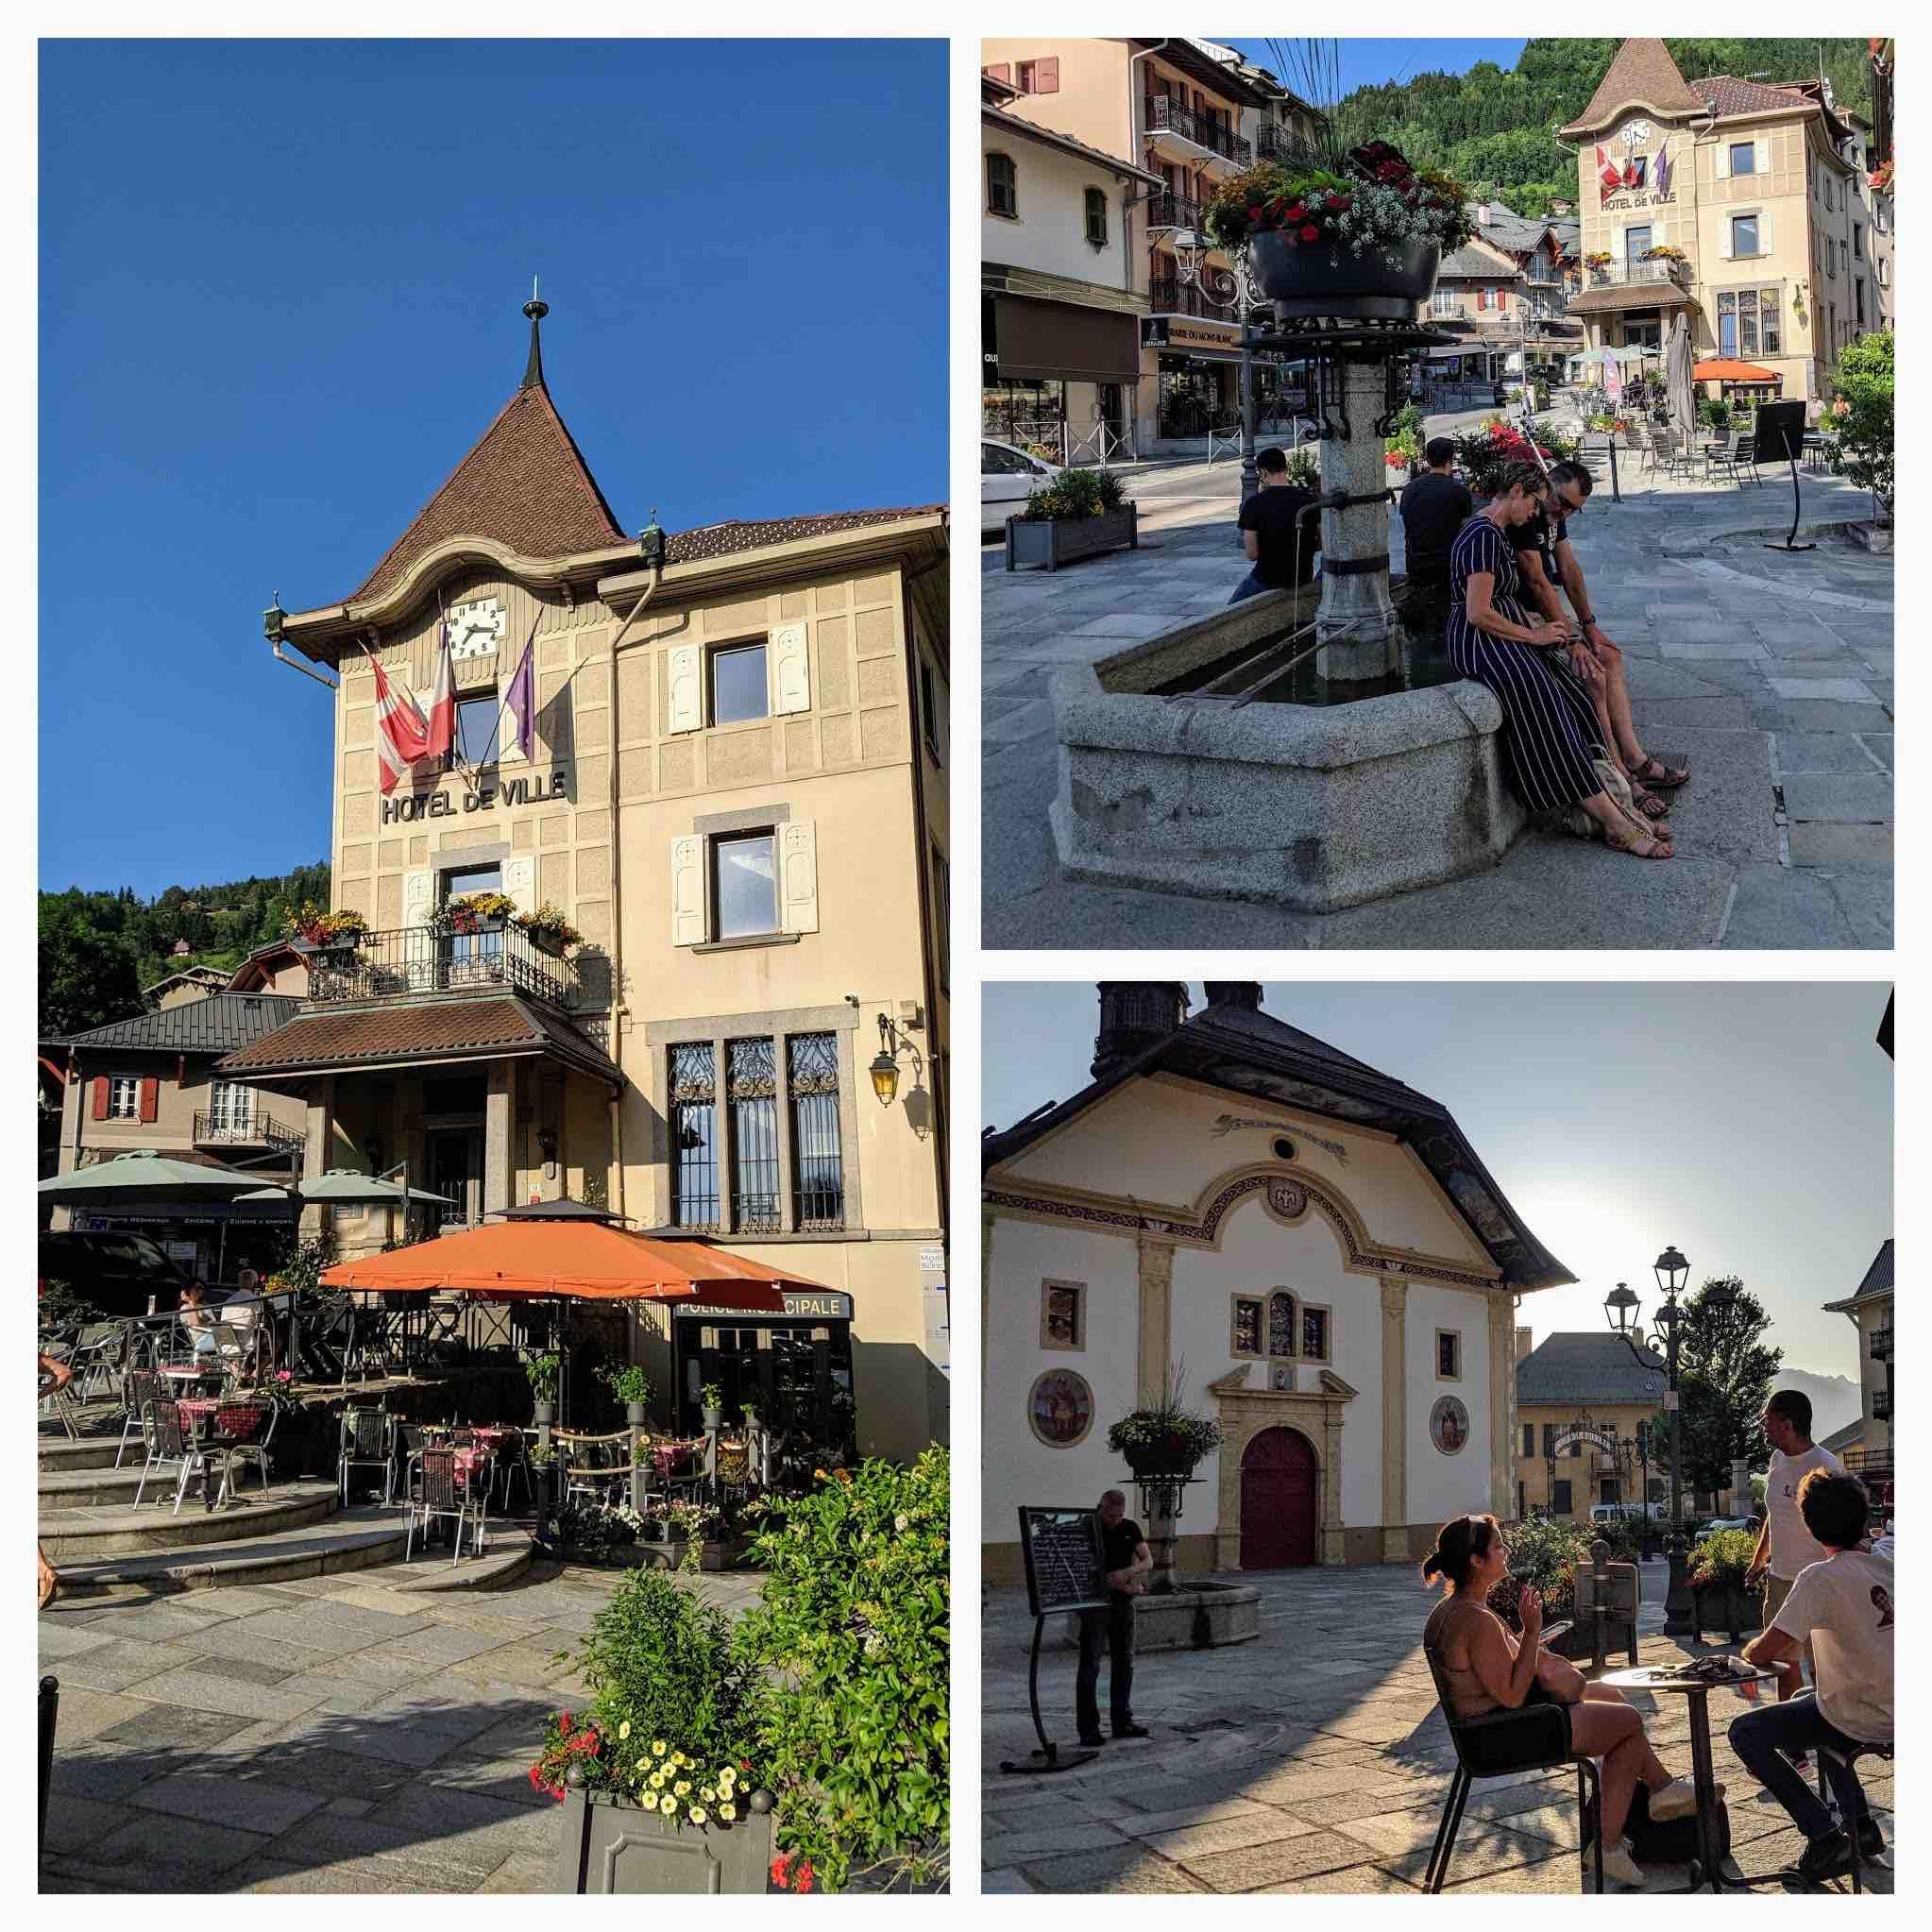 Saint Gervais centre